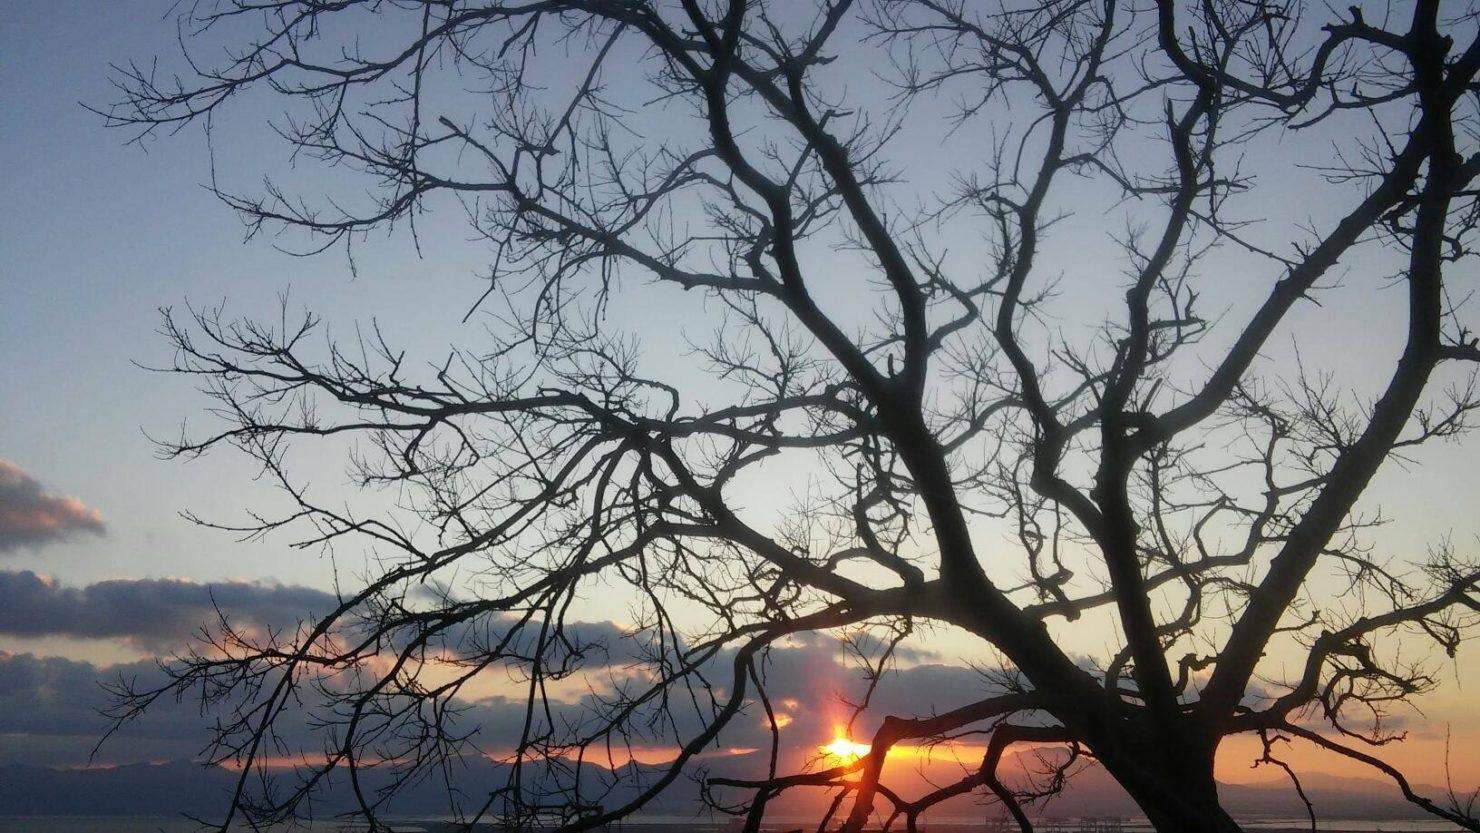 Albero al tramonto a Cagliari 1480x833 infonotizia